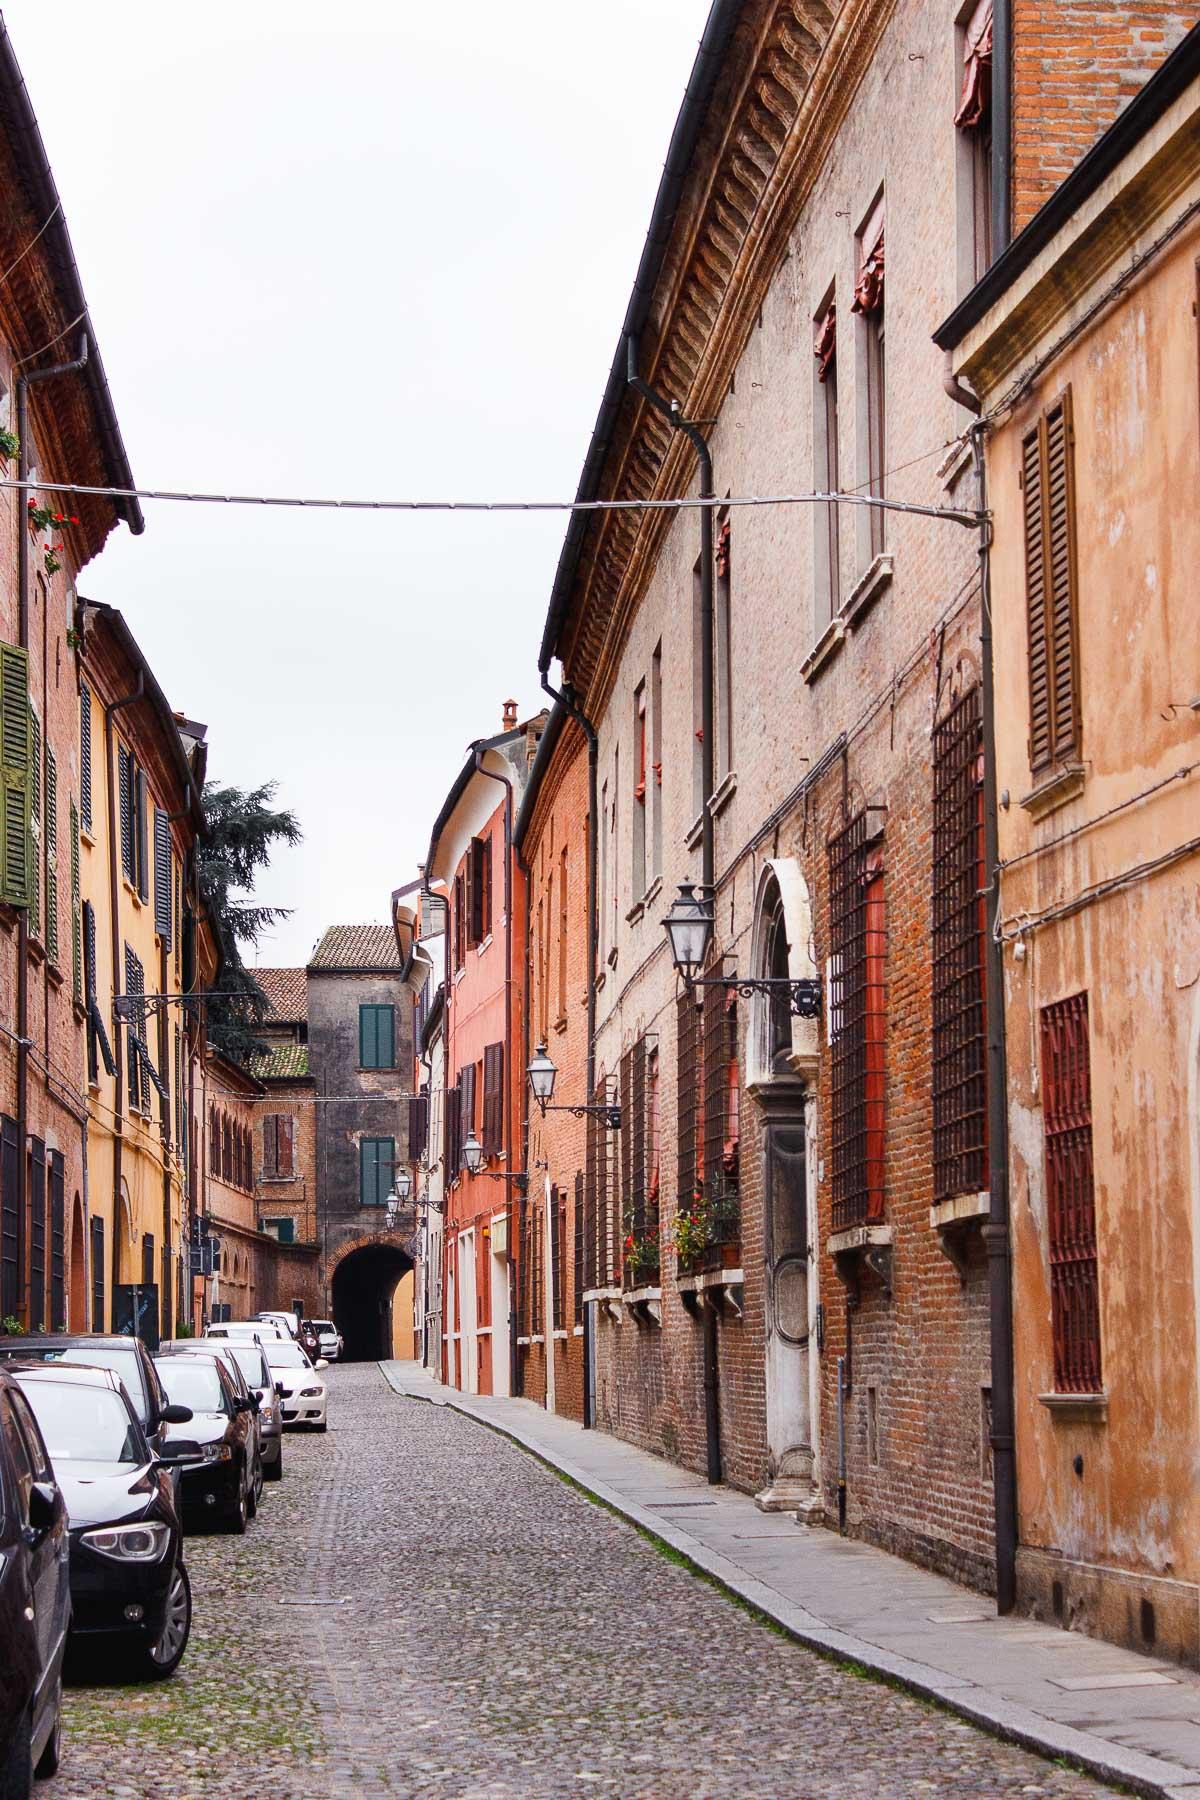 streets in ferrara italy